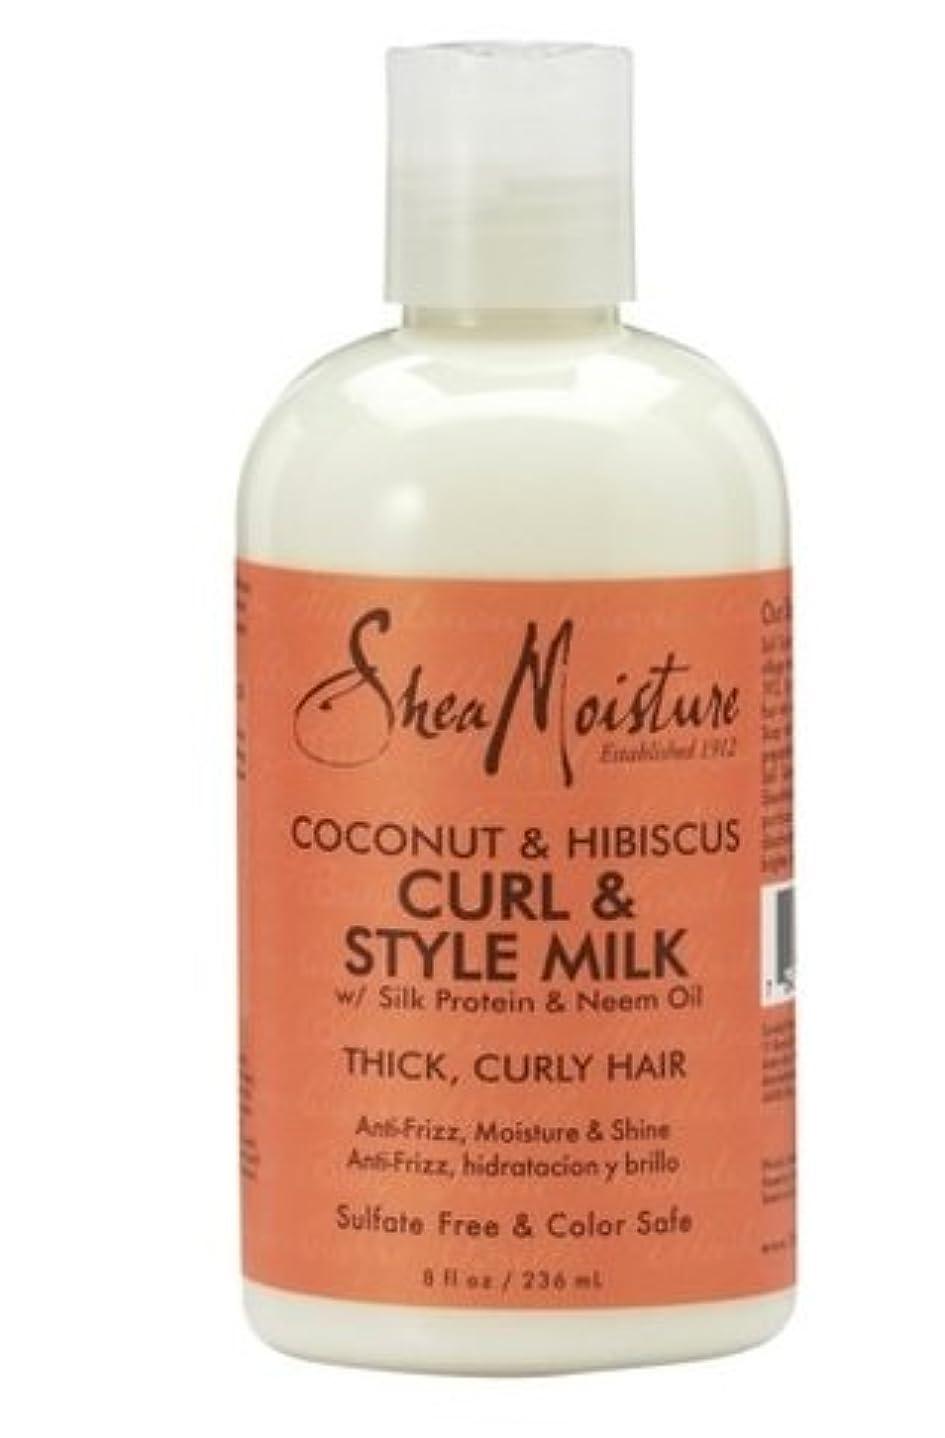 賛辞寸法社交的SheaMoisture Coconut & Hibiscus Curl & Style Milk 230ml ココナッツ&ハイビスカスカール&スタイルミルク